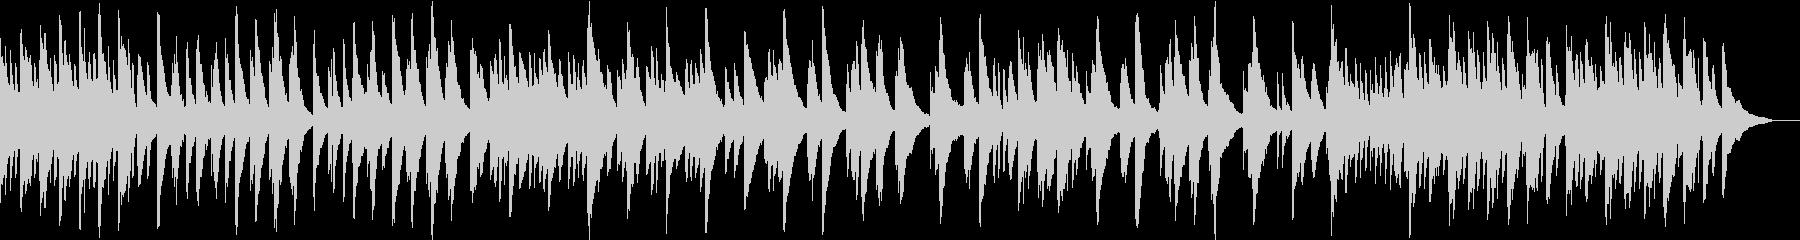 シンプルで落ち着いたピアノ音源ですの未再生の波形